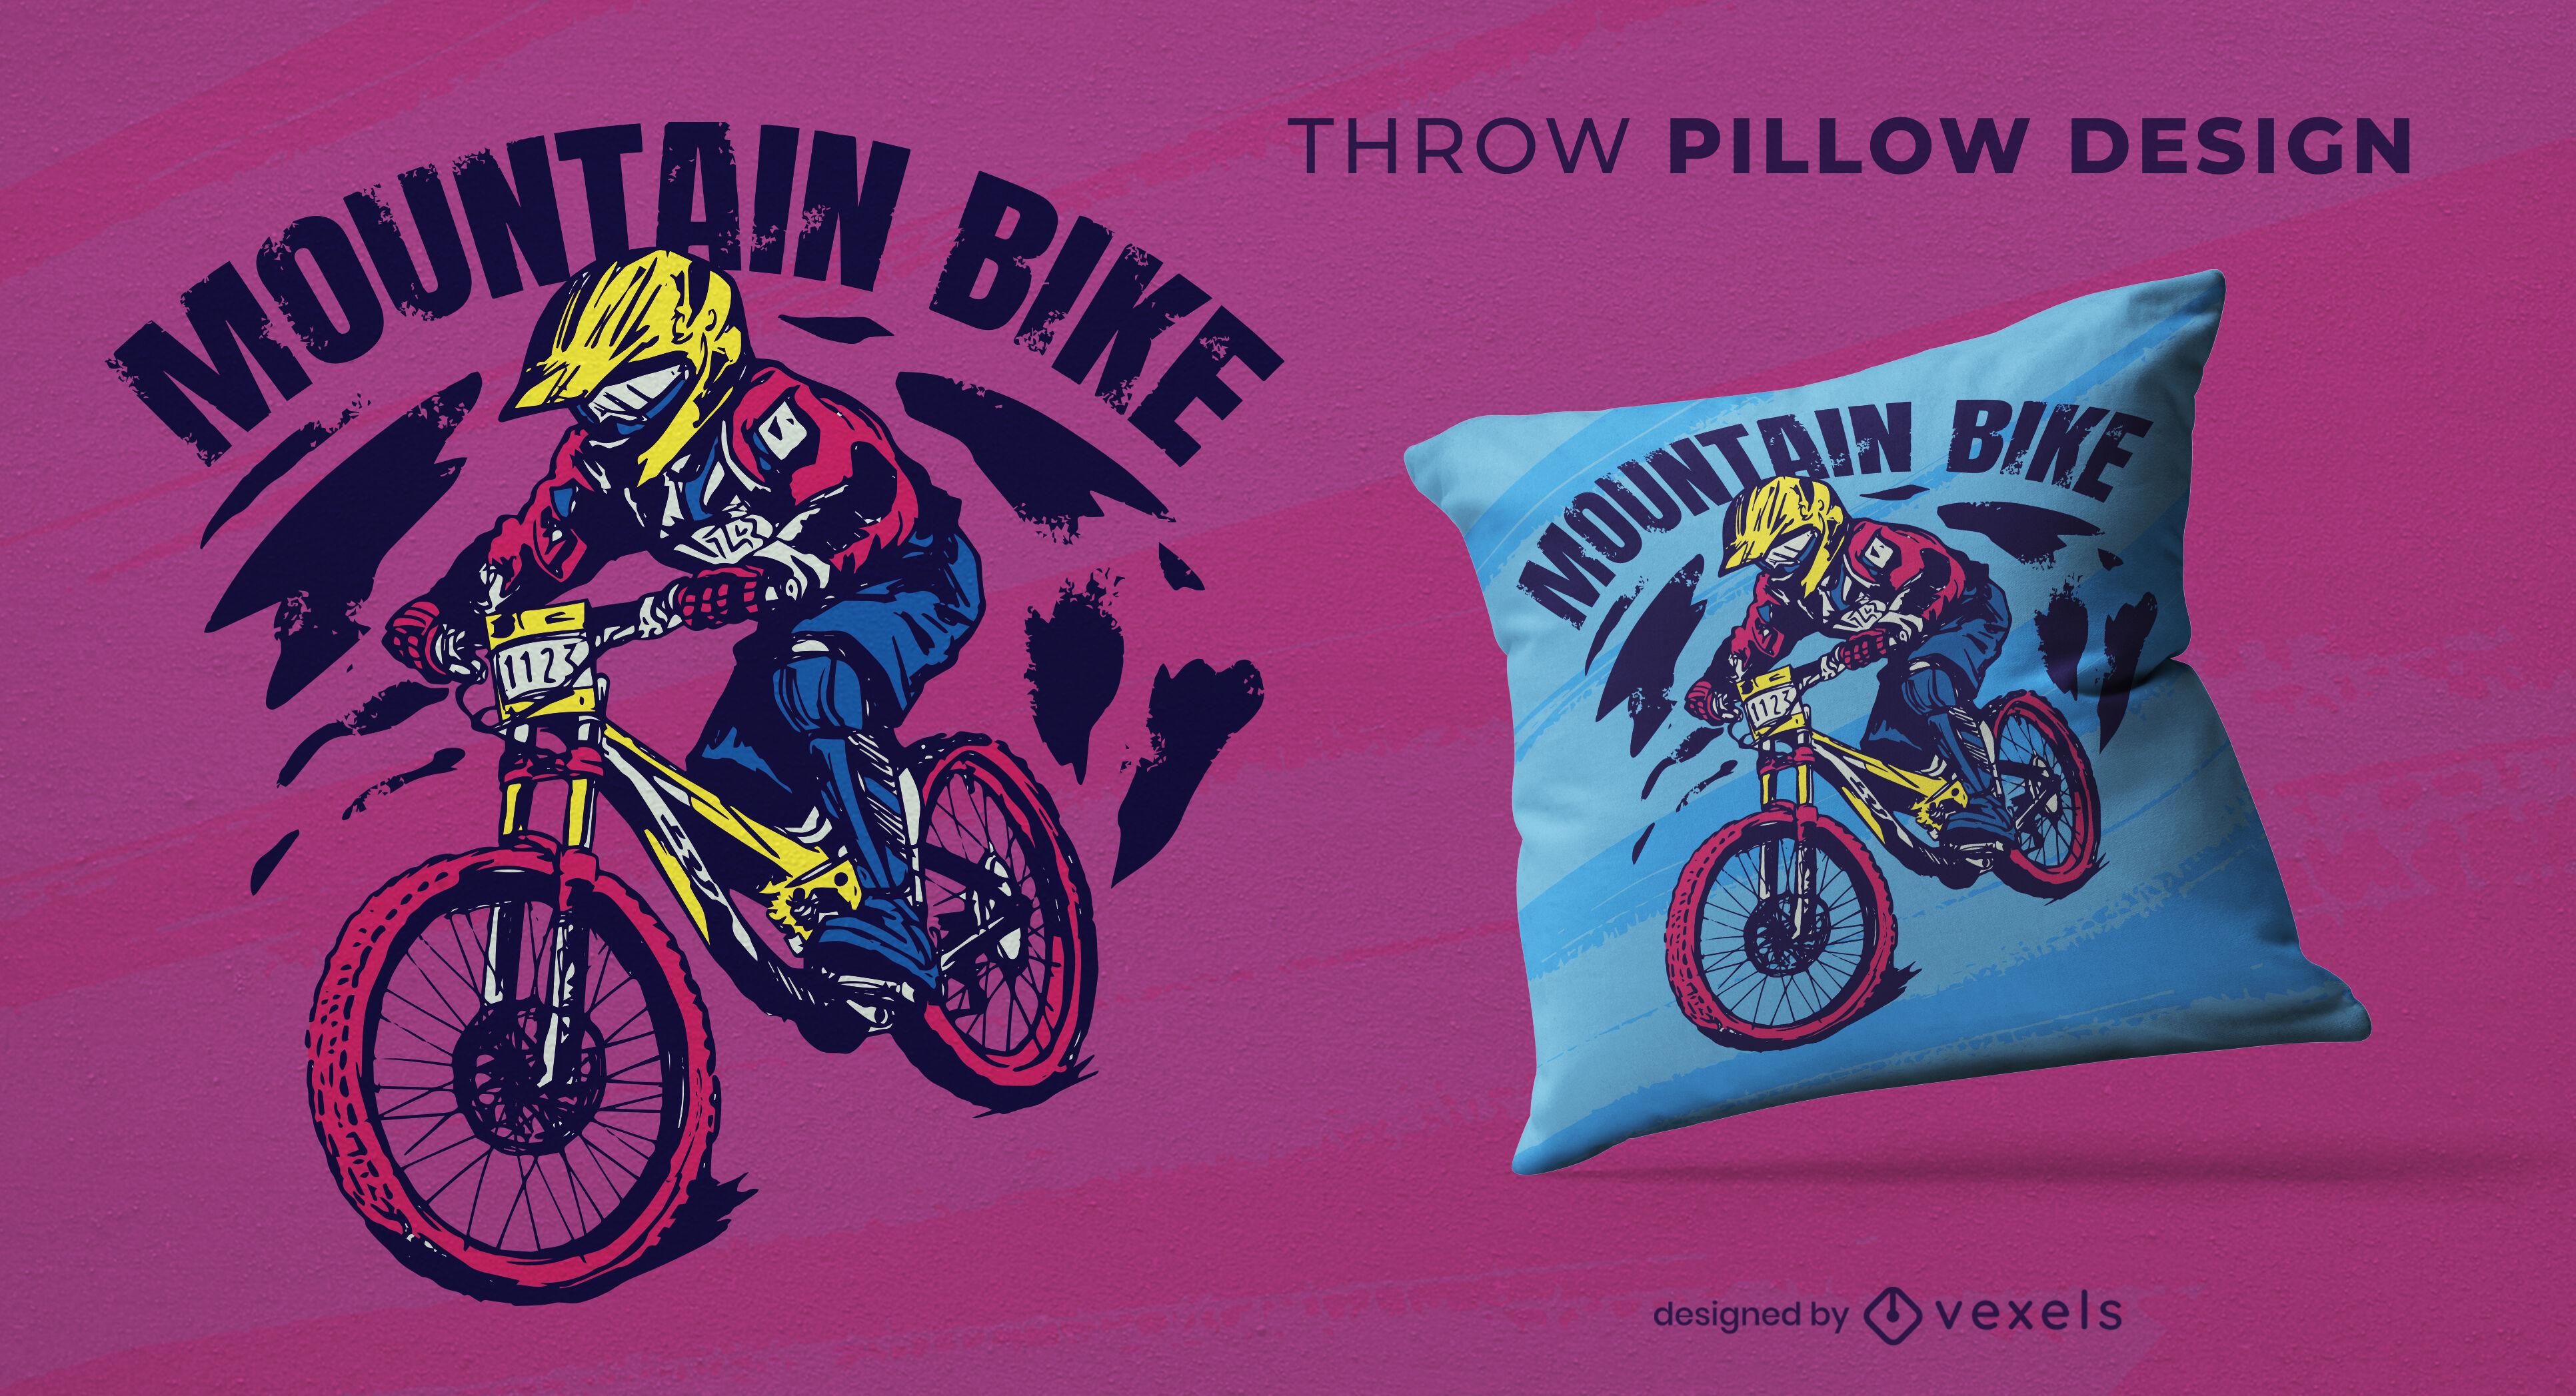 Diseño de almohada de tiro de bicicleta de fuente